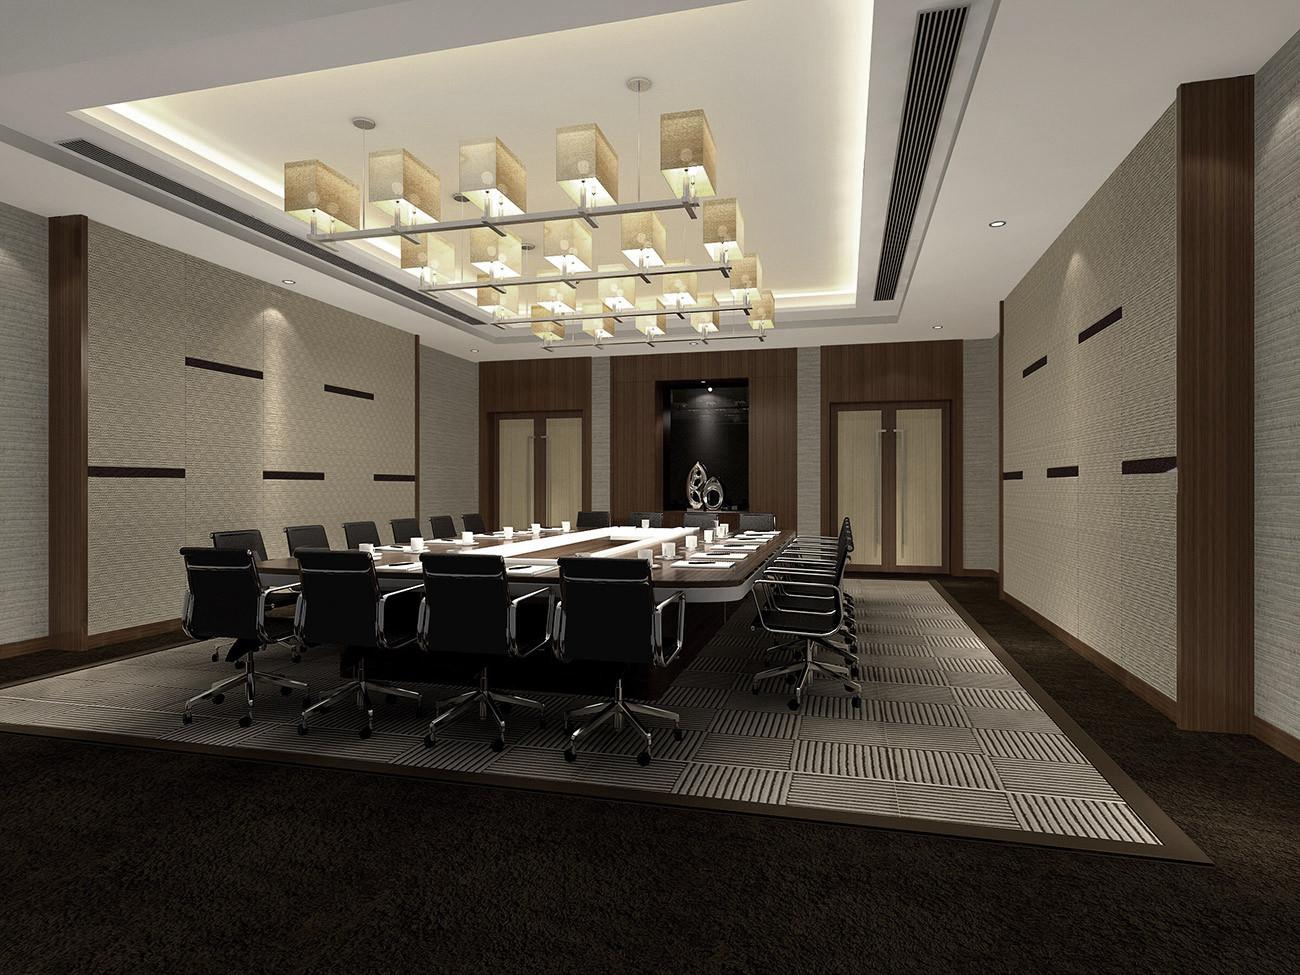 酒店设计 书房图片来自智尚设计在上海商务酒店装修设计效果图的分享